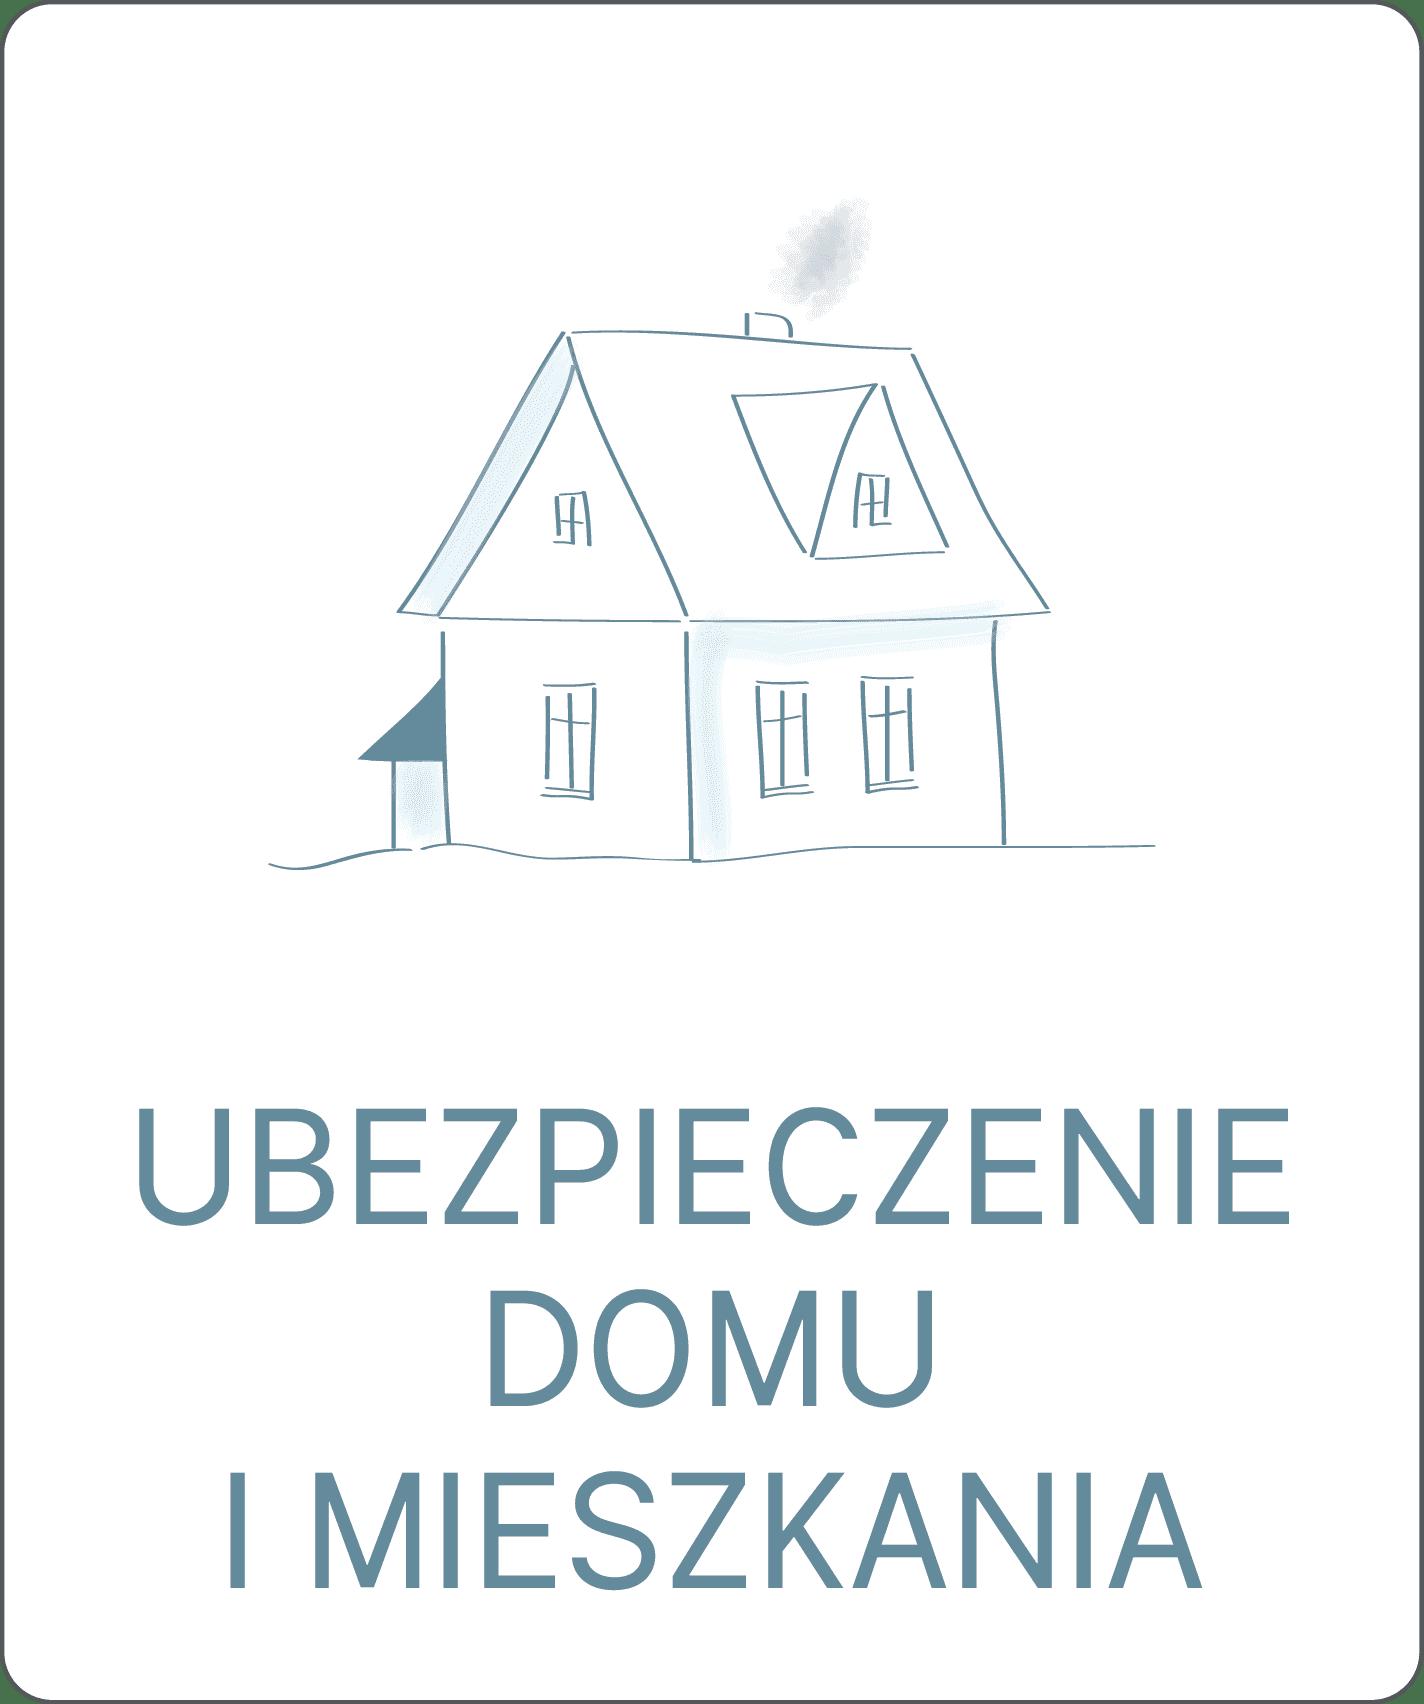 ubezpieczenie domu mieszkania